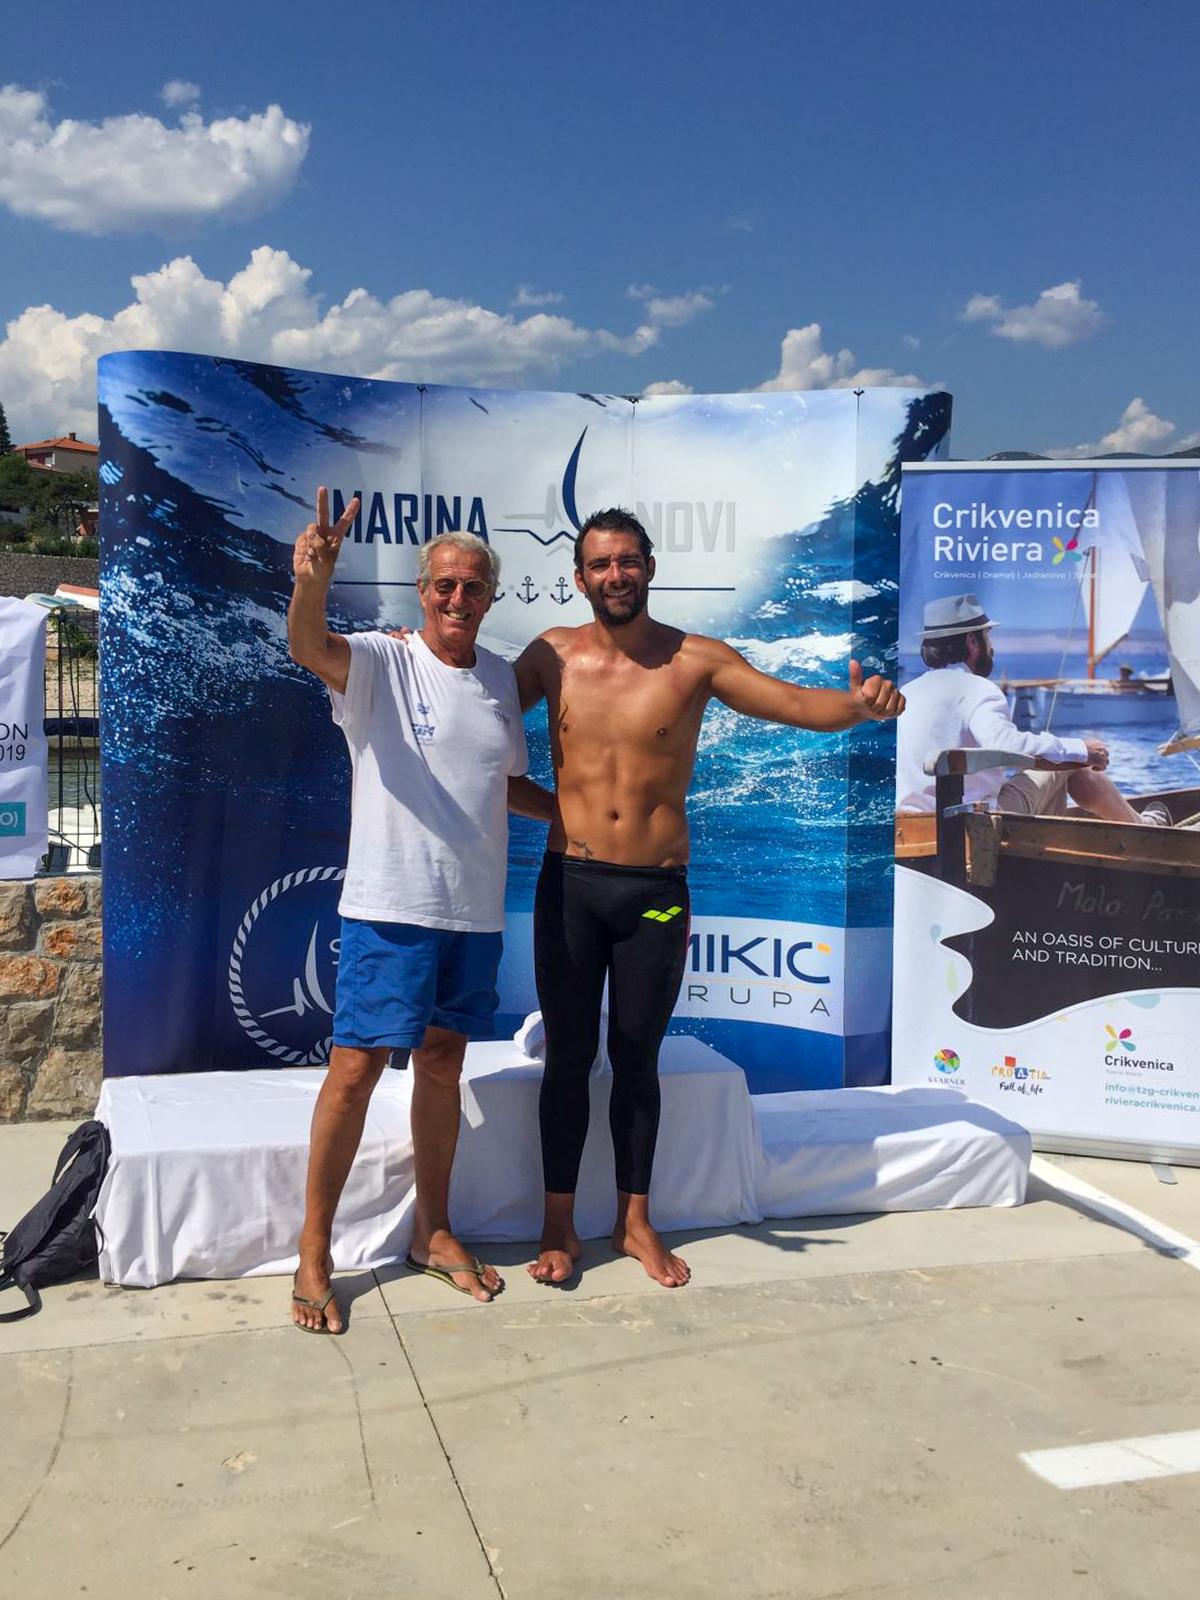 Filippo Tassara ed Edoardo Stochino a Novi Vinodolski (Croazia)